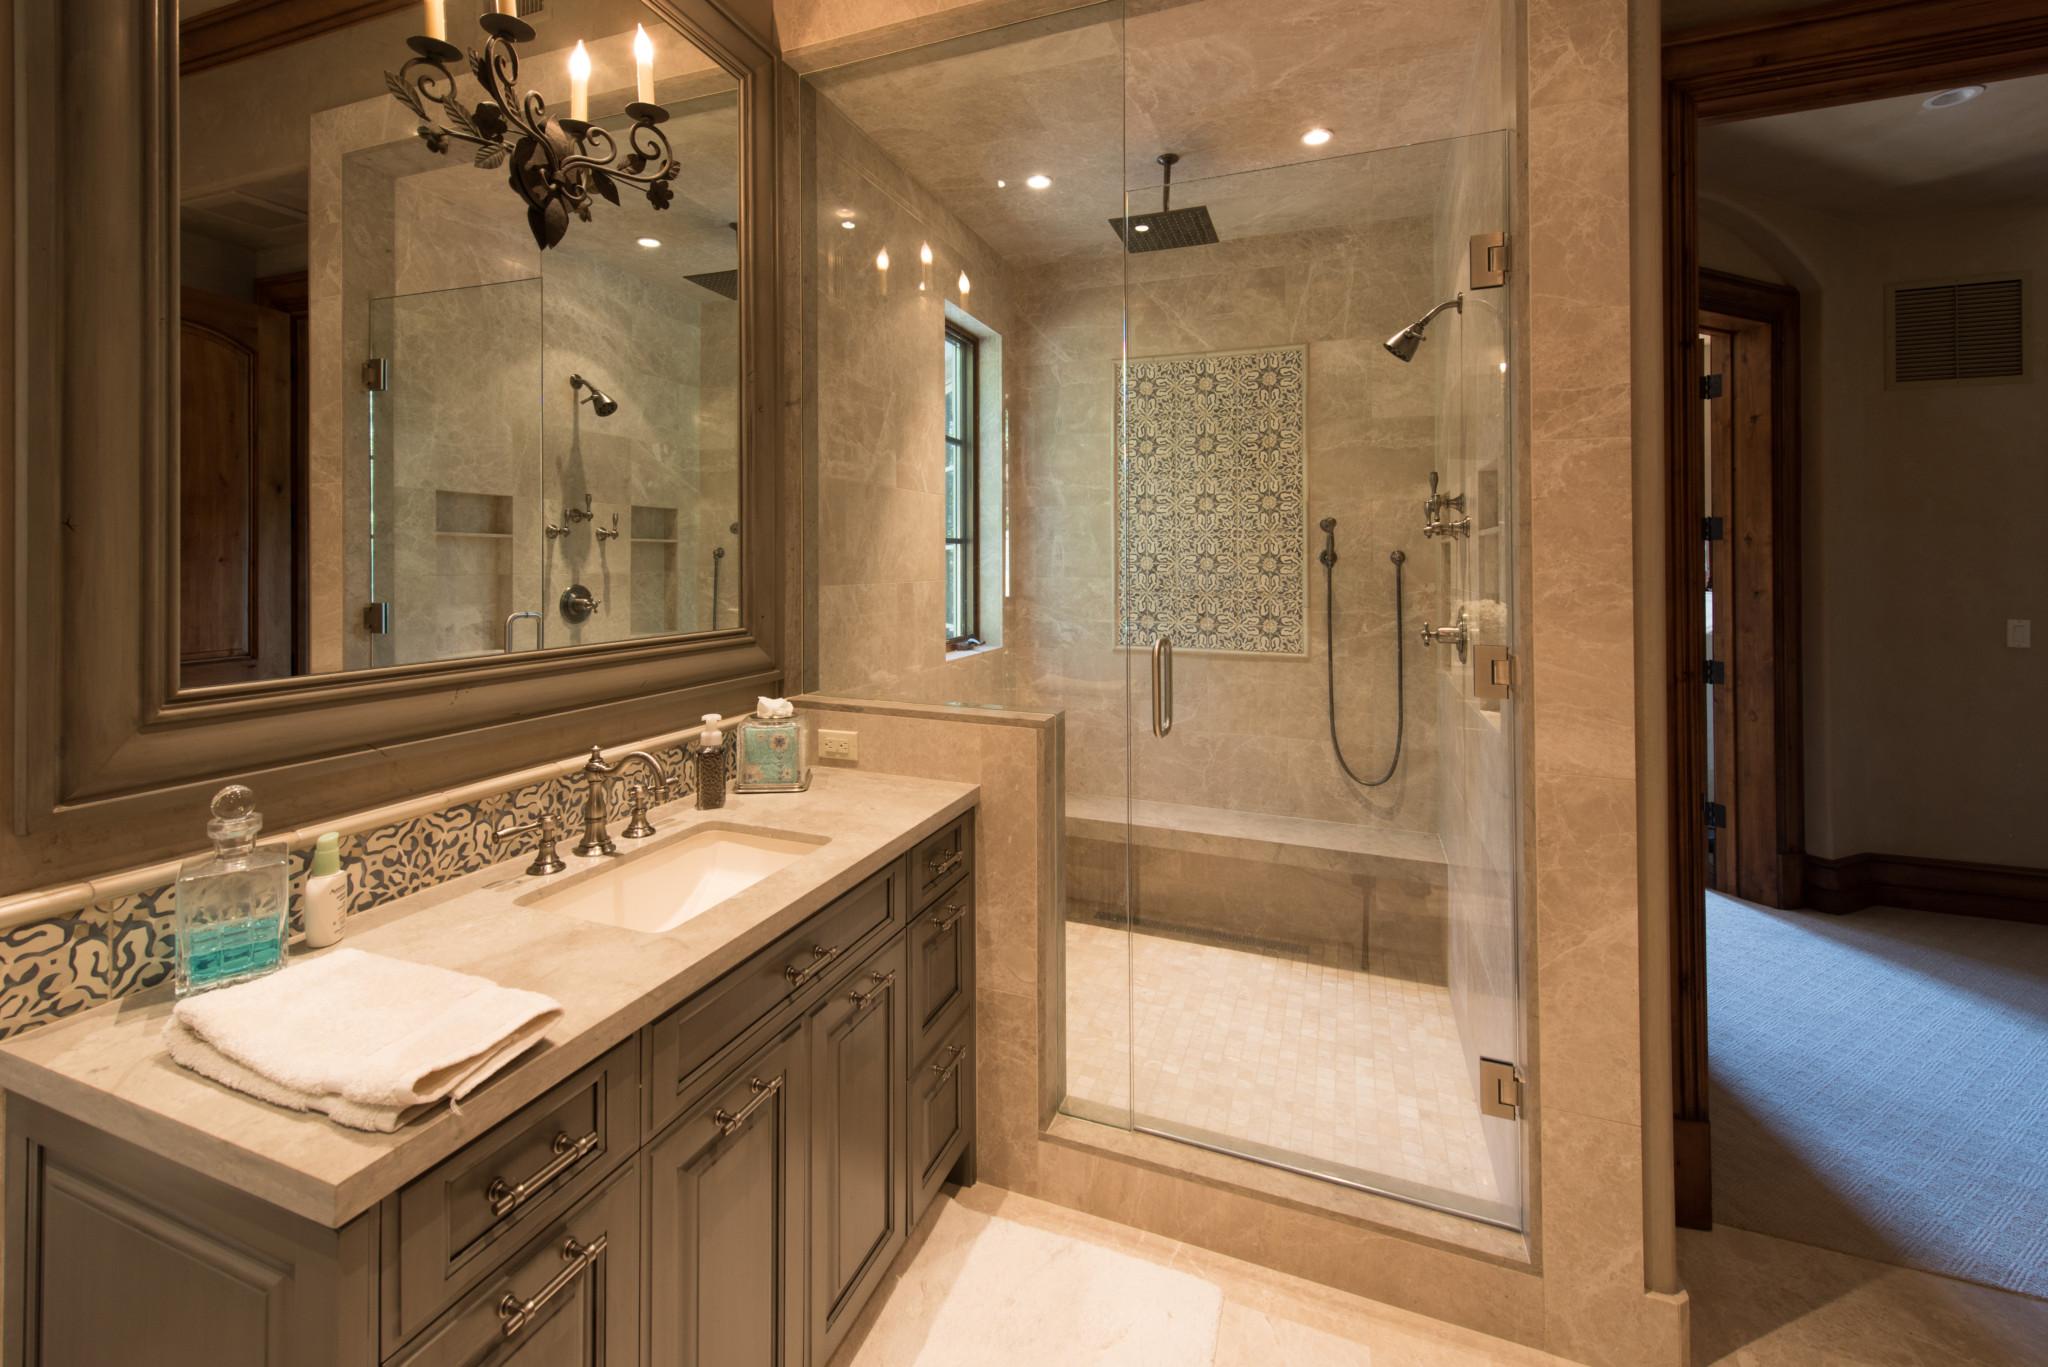 Beaver Creek Chateau Master Bathroom Vanity And Shower Custom Tile Hoeft Builders West